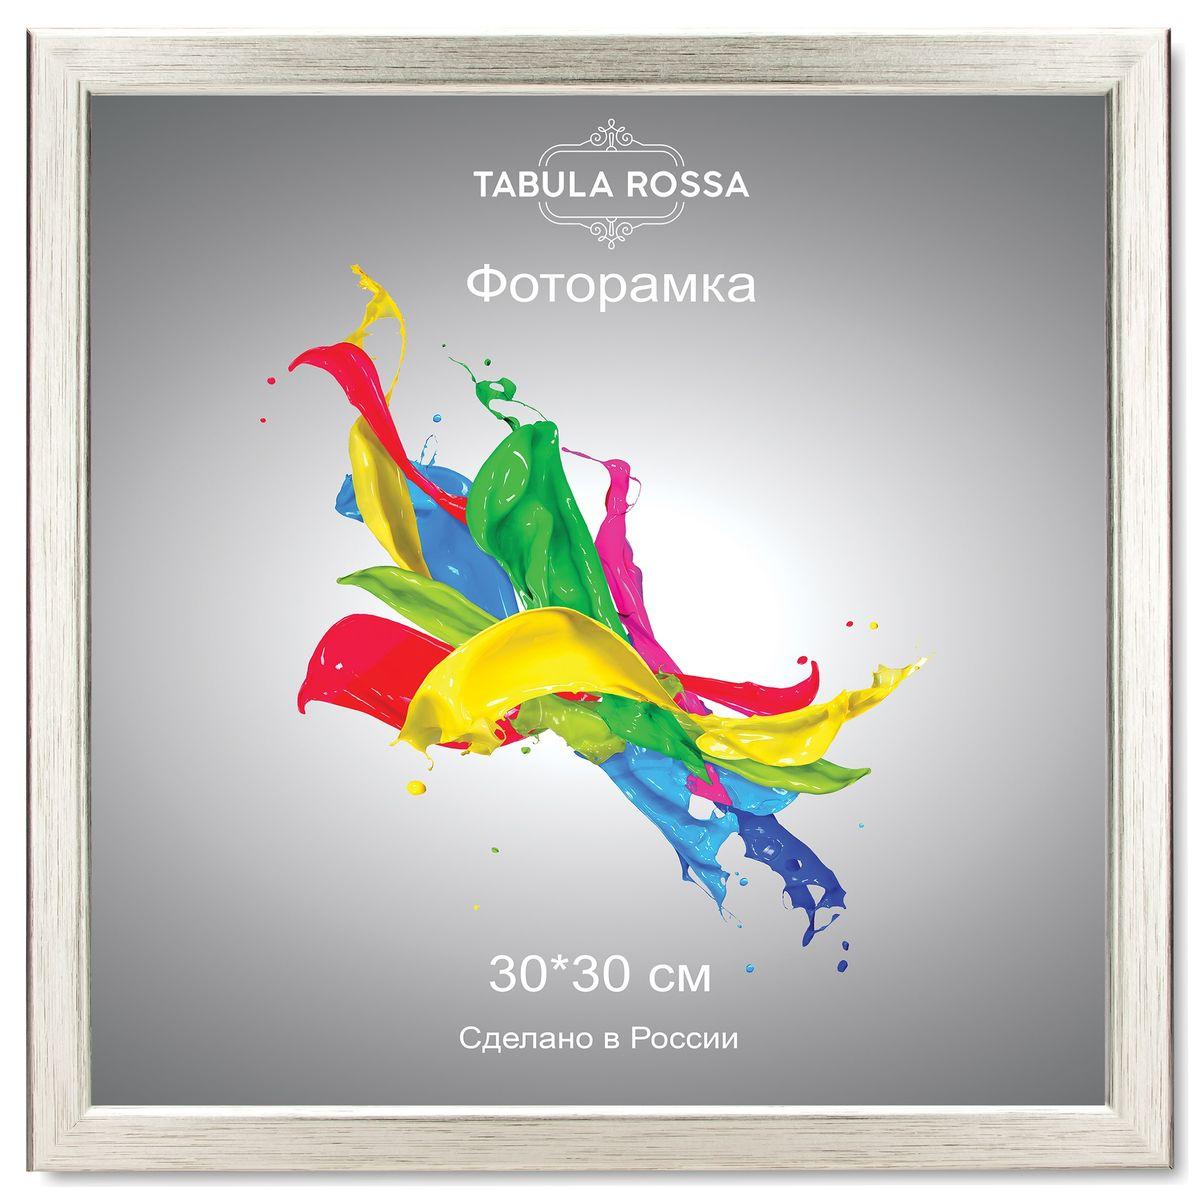 Фоторамка Tabula Rossa, цвет: серебро, 30 х 30 см. ТР 5134ТР 5134Фоторамка Tabula Rossa выполнена в классическом стиле из высококачественного МДФ и стекла,защищающего фотографию. Оборотная сторона рамки оснащенаспециальной ножкой, благодаря которой ее можно поставить на стол или любоедругое место в доме или офисе. Также изделие дополнено двумя специальнымикреплениями для подвешивания на стену.Такая фоторамка не теряет своих свойств со временем, не деформируется и не выцветает. Она поможет вам оригинально и стильно дополнитьинтерьер помещения, а также позволит сохранить память о дорогих вам людях иинтересных событиях вашей жизни.